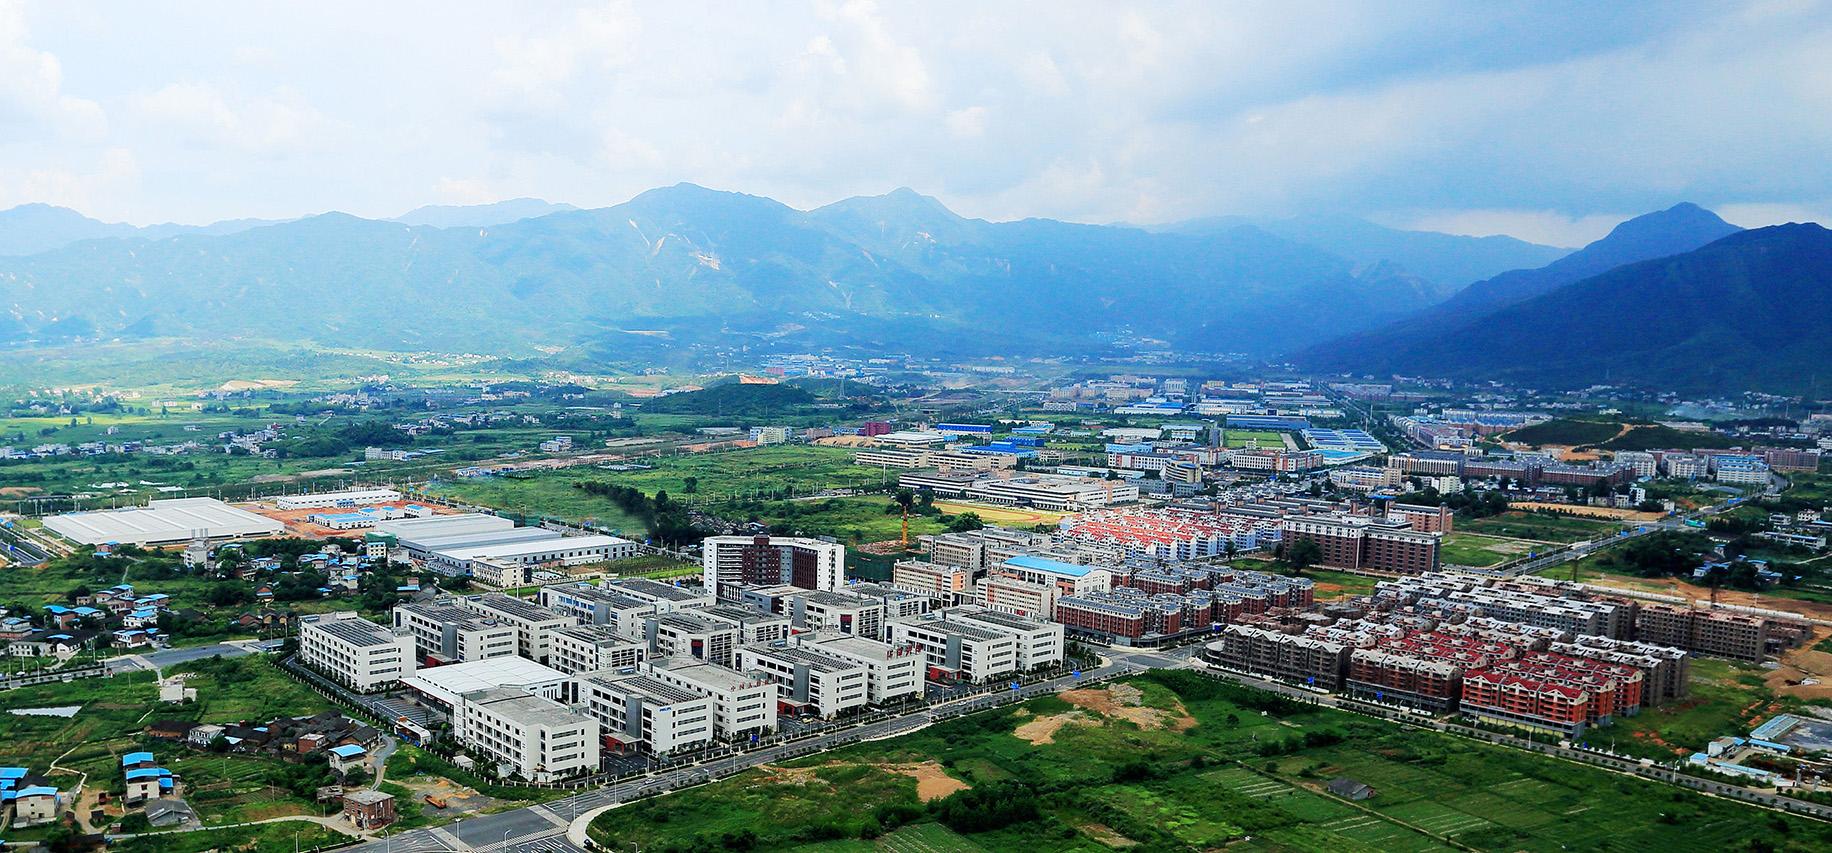 湖南自贸区设立的意义及对湖南经济社会发展的影响